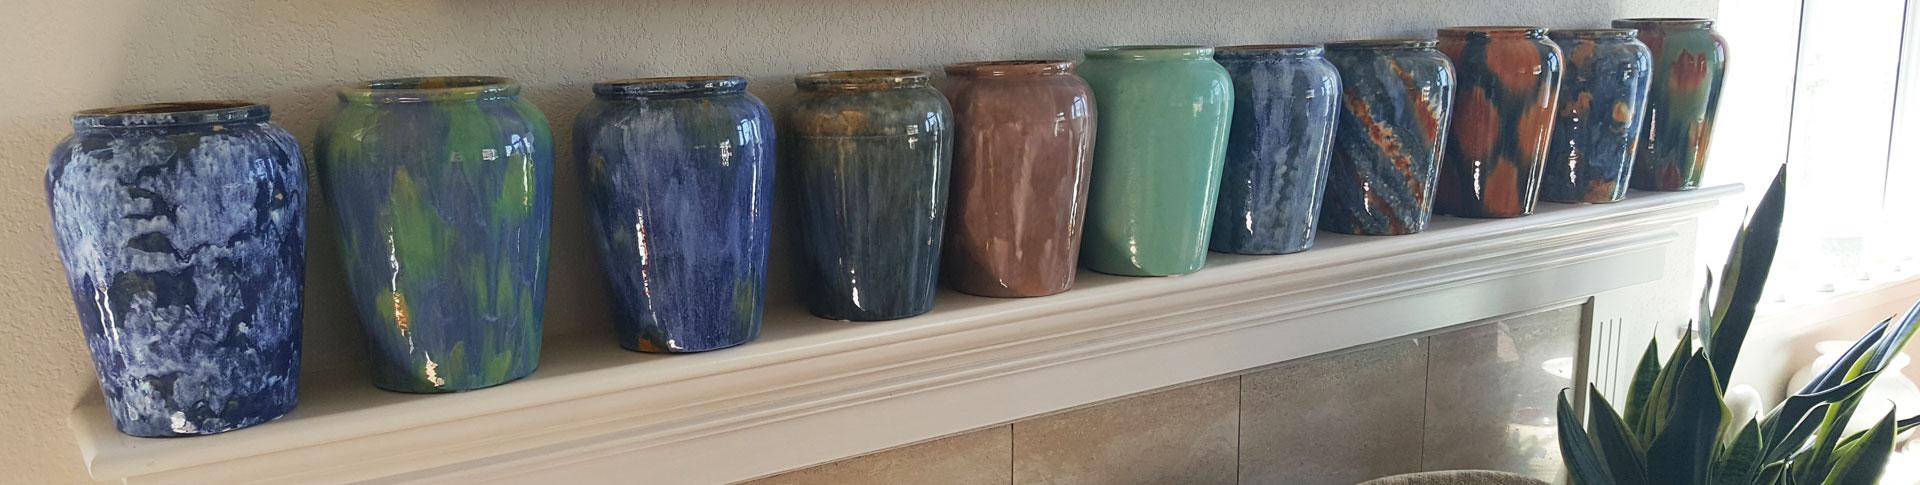 Pacific Pottery Sawtelle Vases Sakata